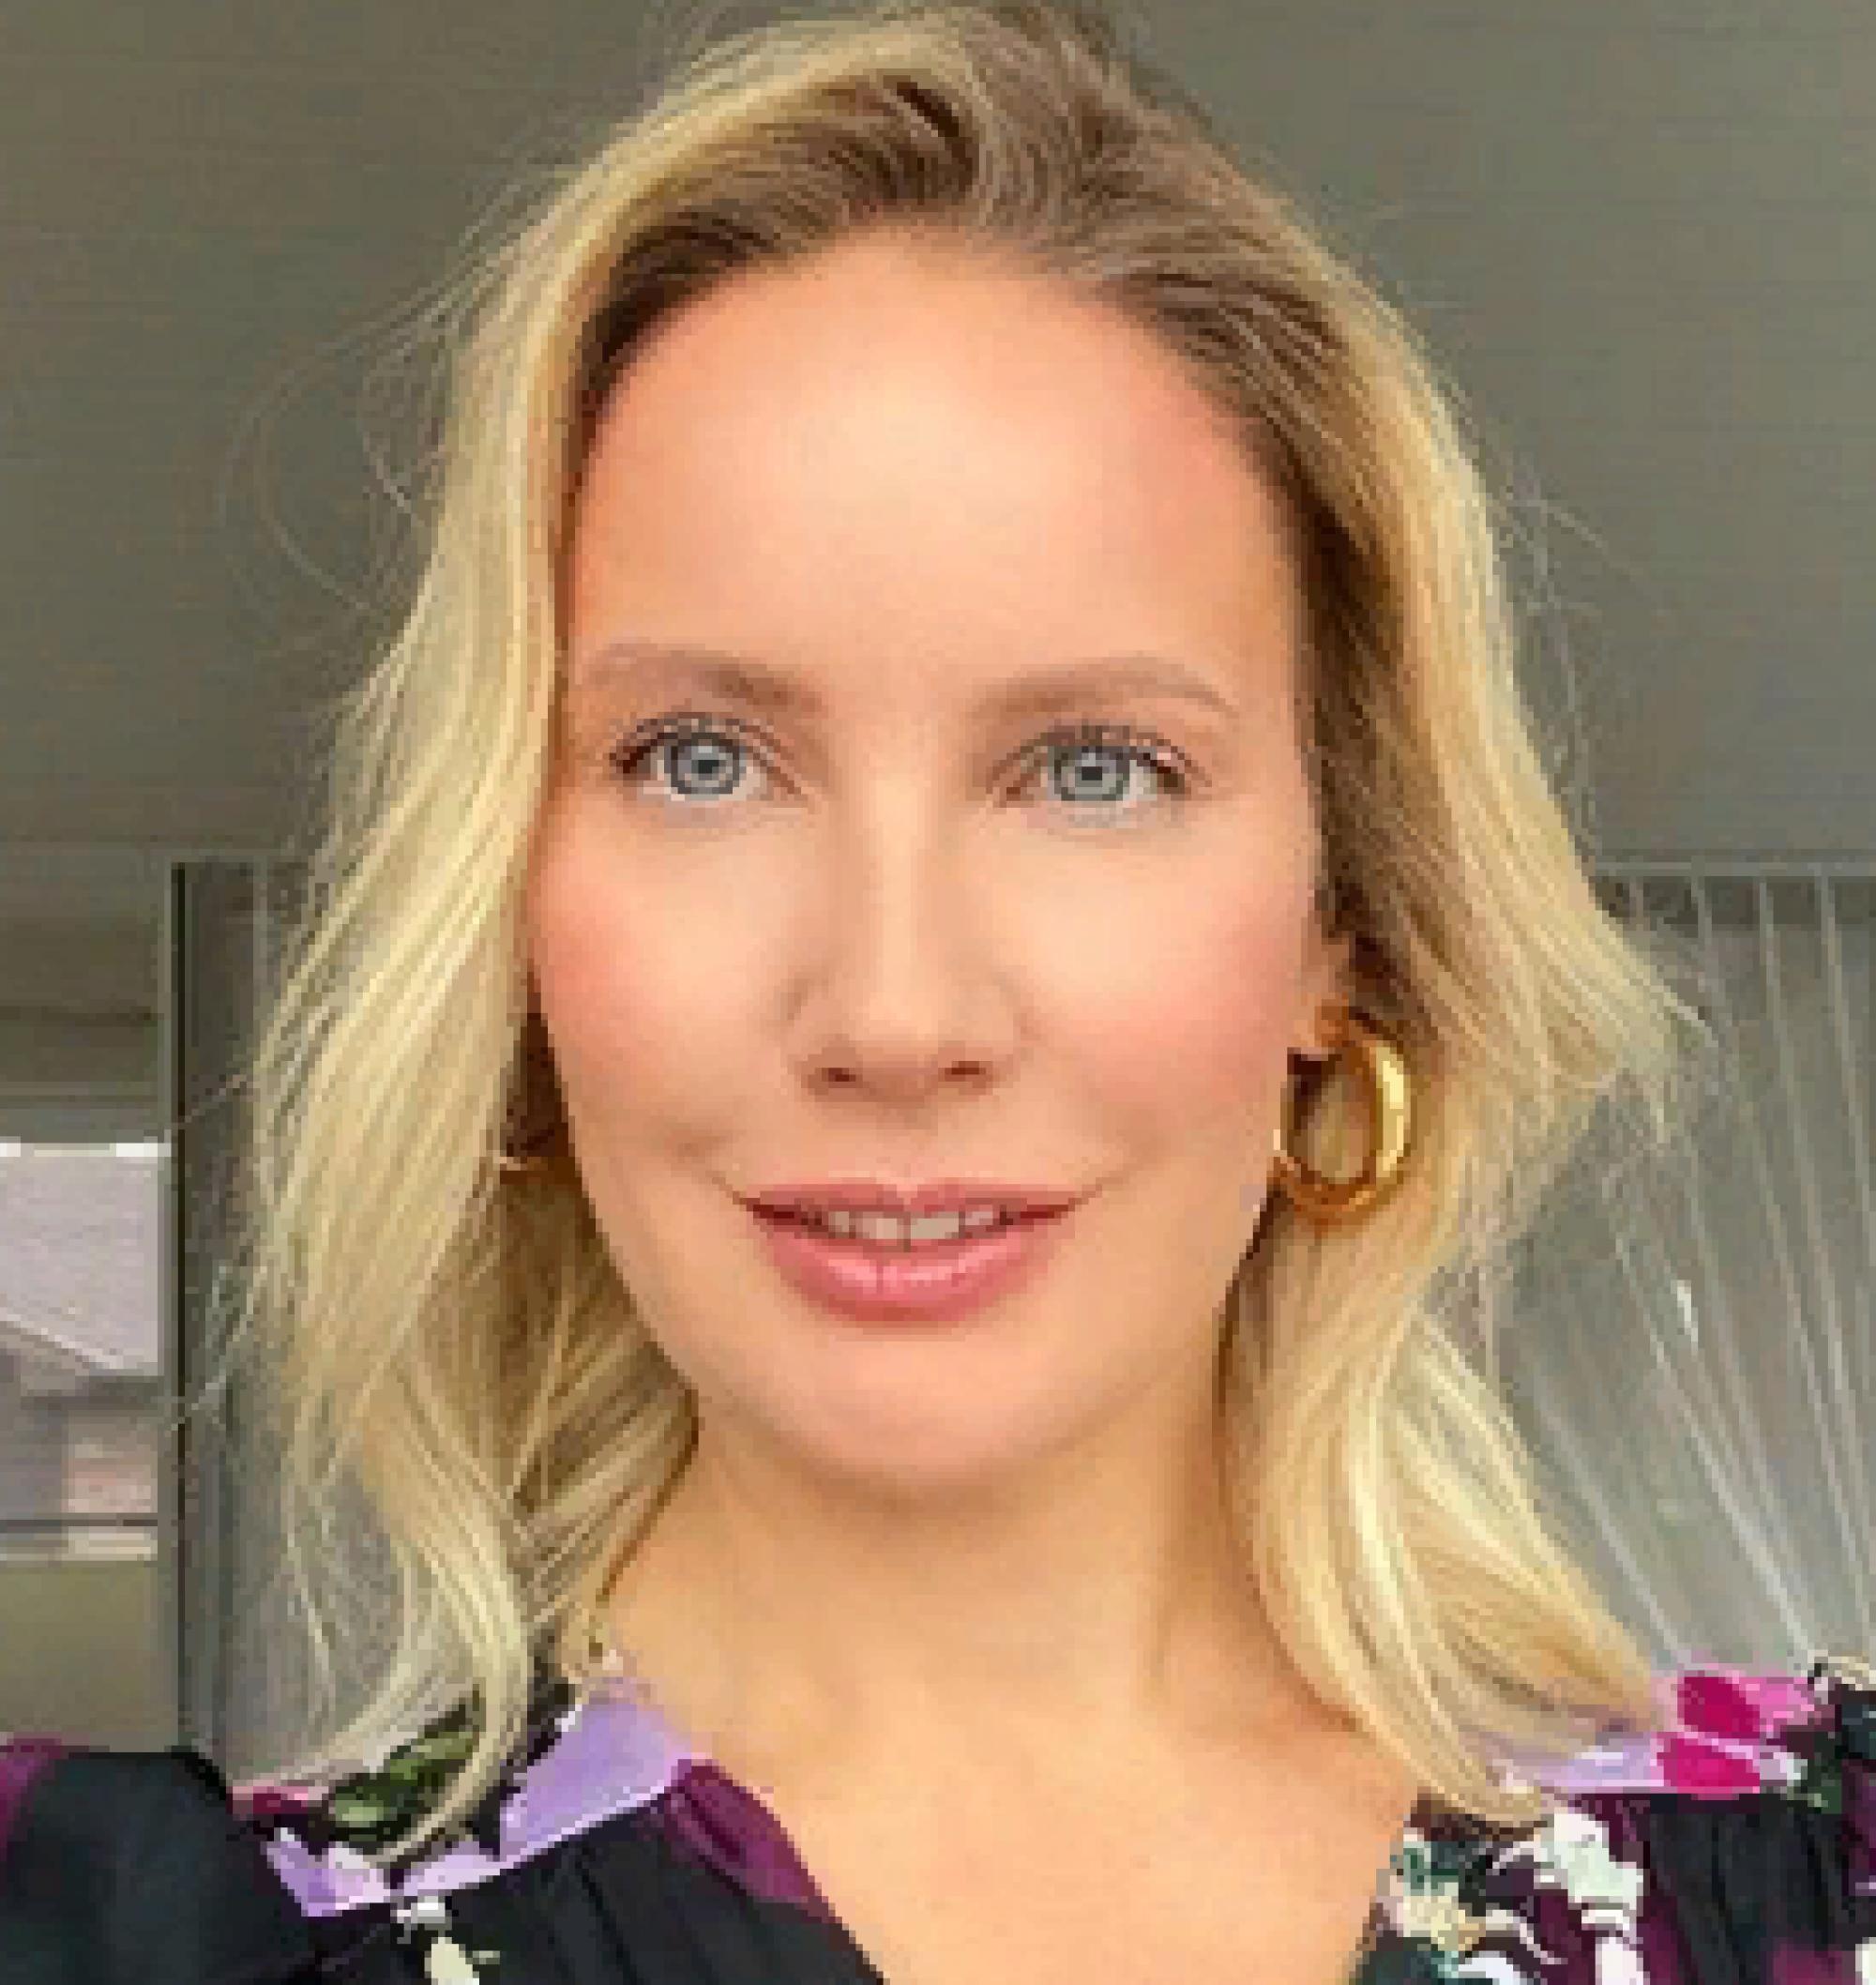 Елена Летучая рассказала, сколько прибавила в весе на самоизоляции